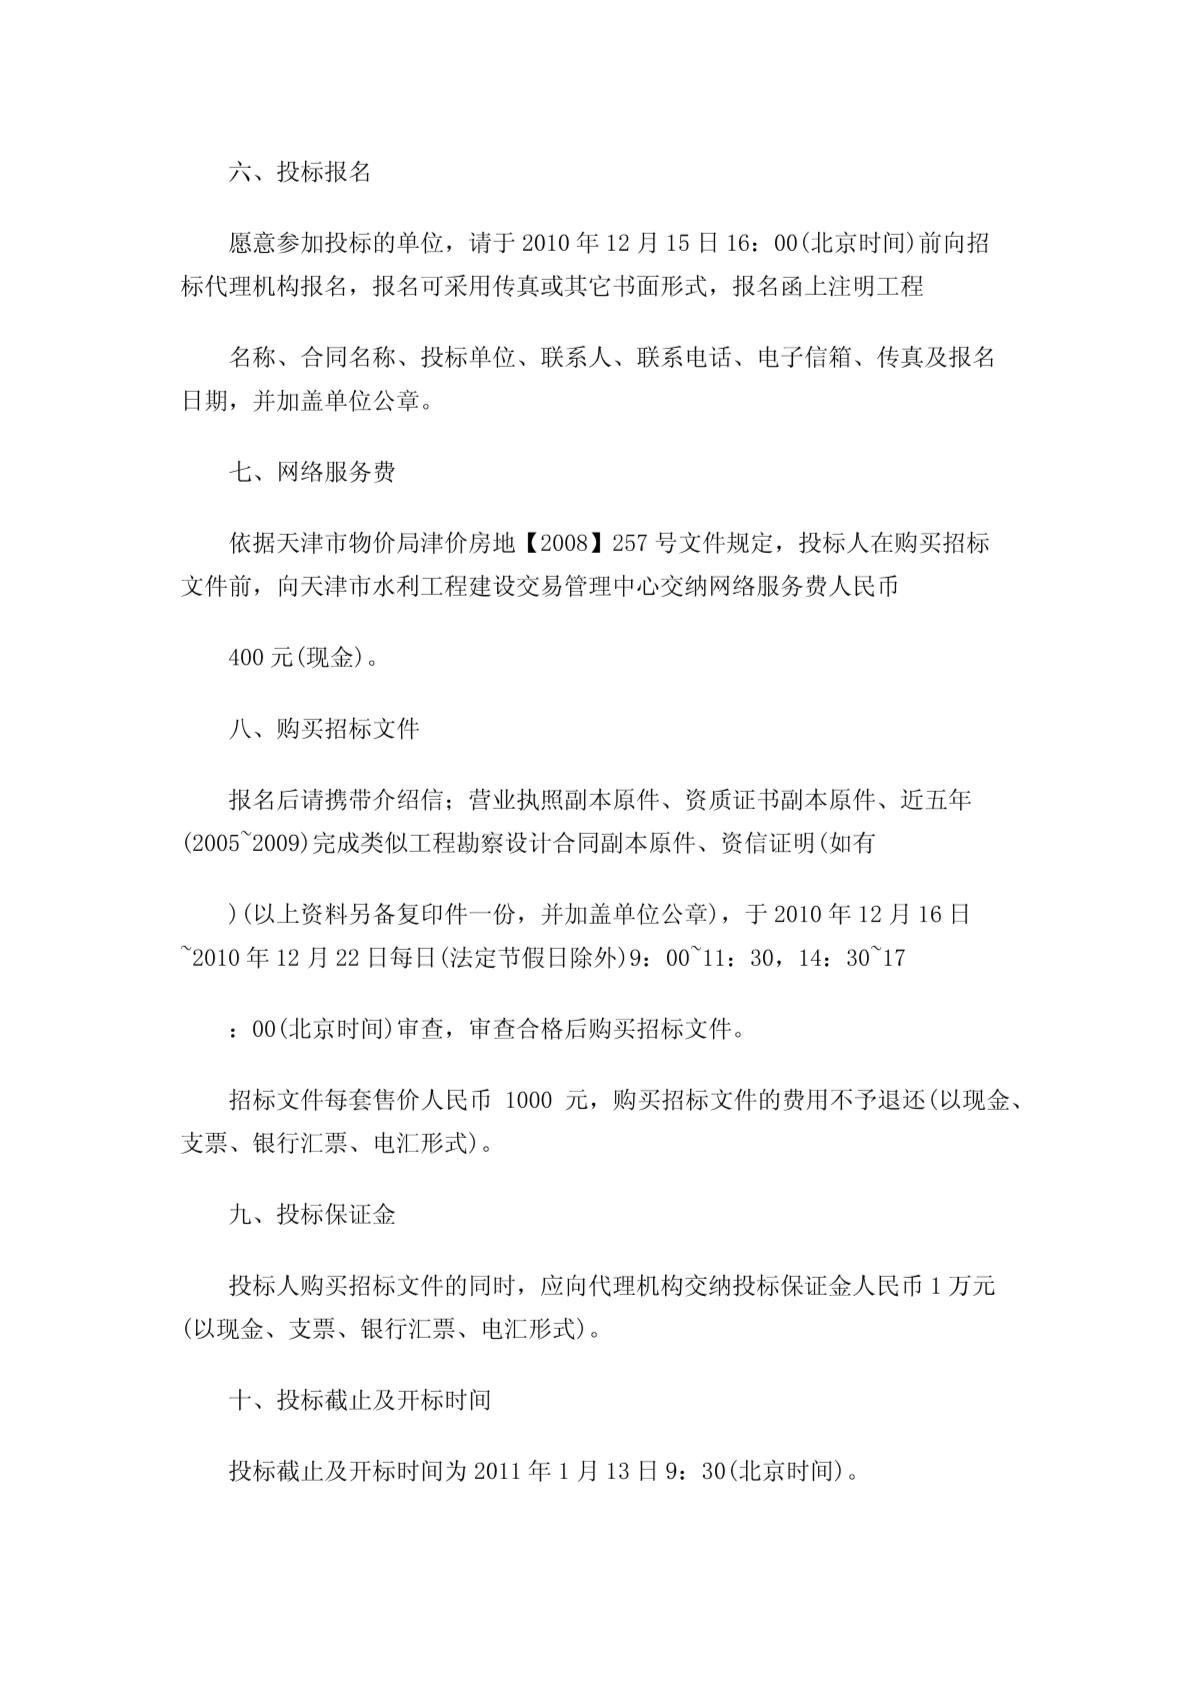 天津市2010年水土流失重点治理工程勘察设计招标公告-图一